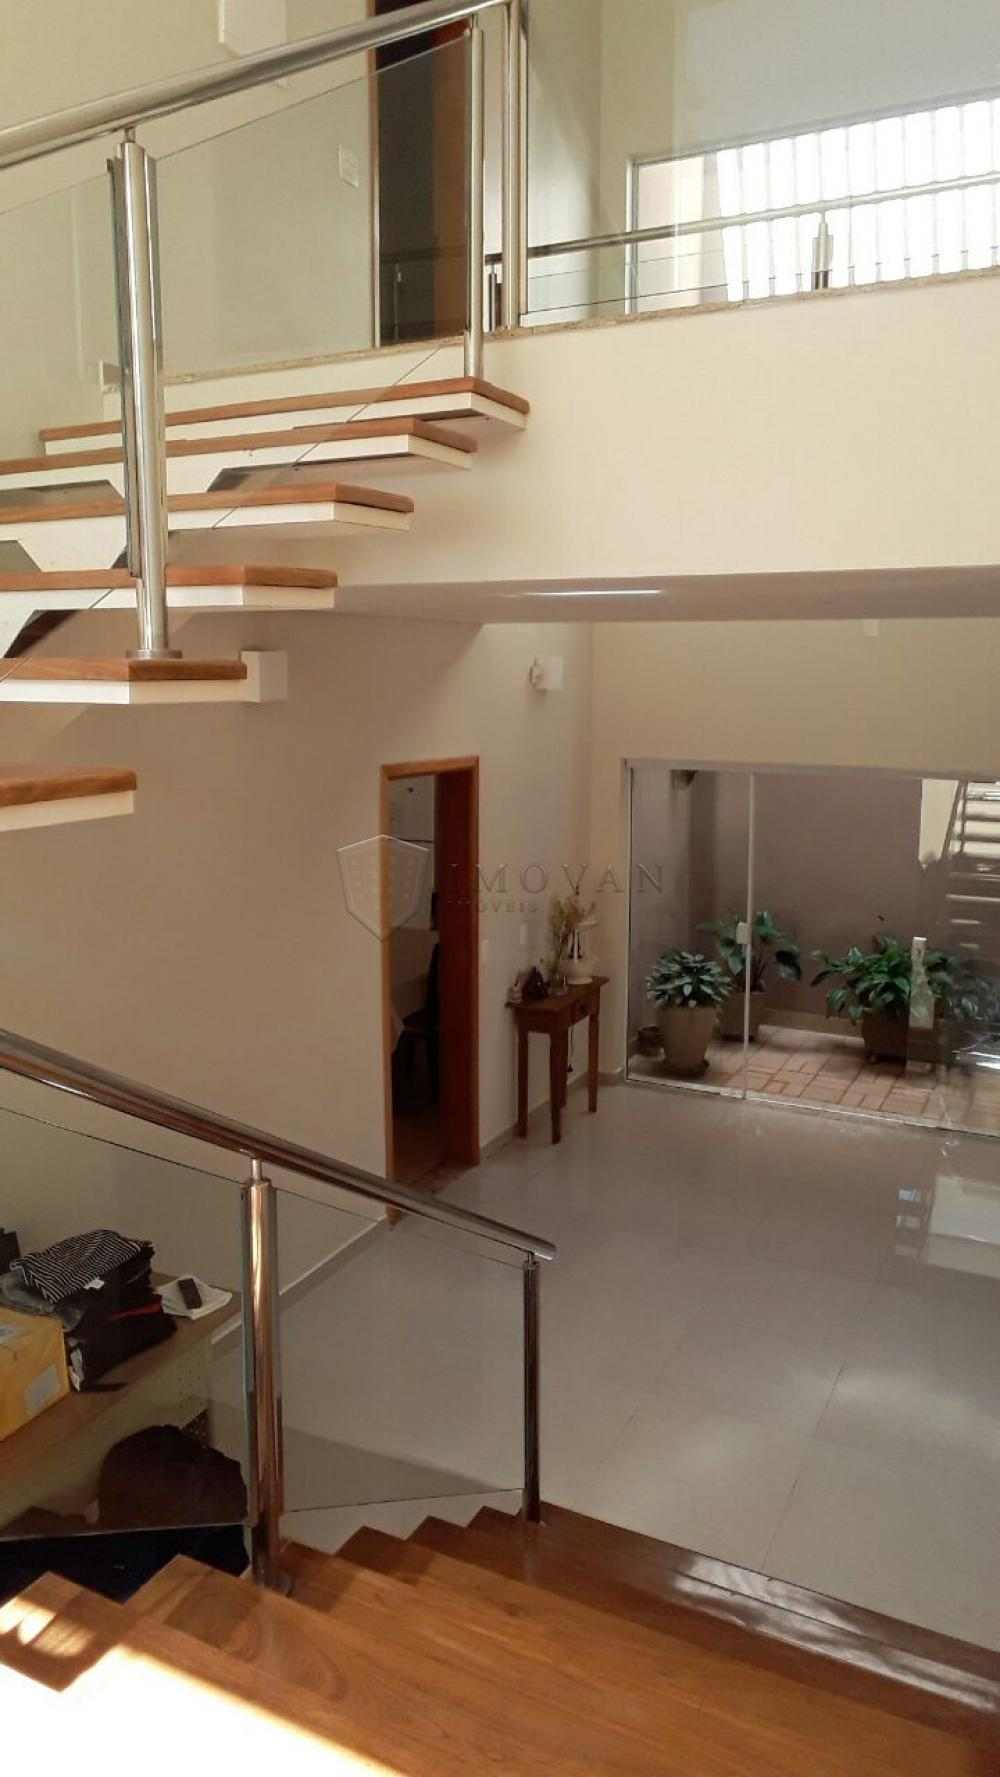 Comprar Casa / Sobrado em Ribeirão Preto R$ 885.000,00 - Foto 28